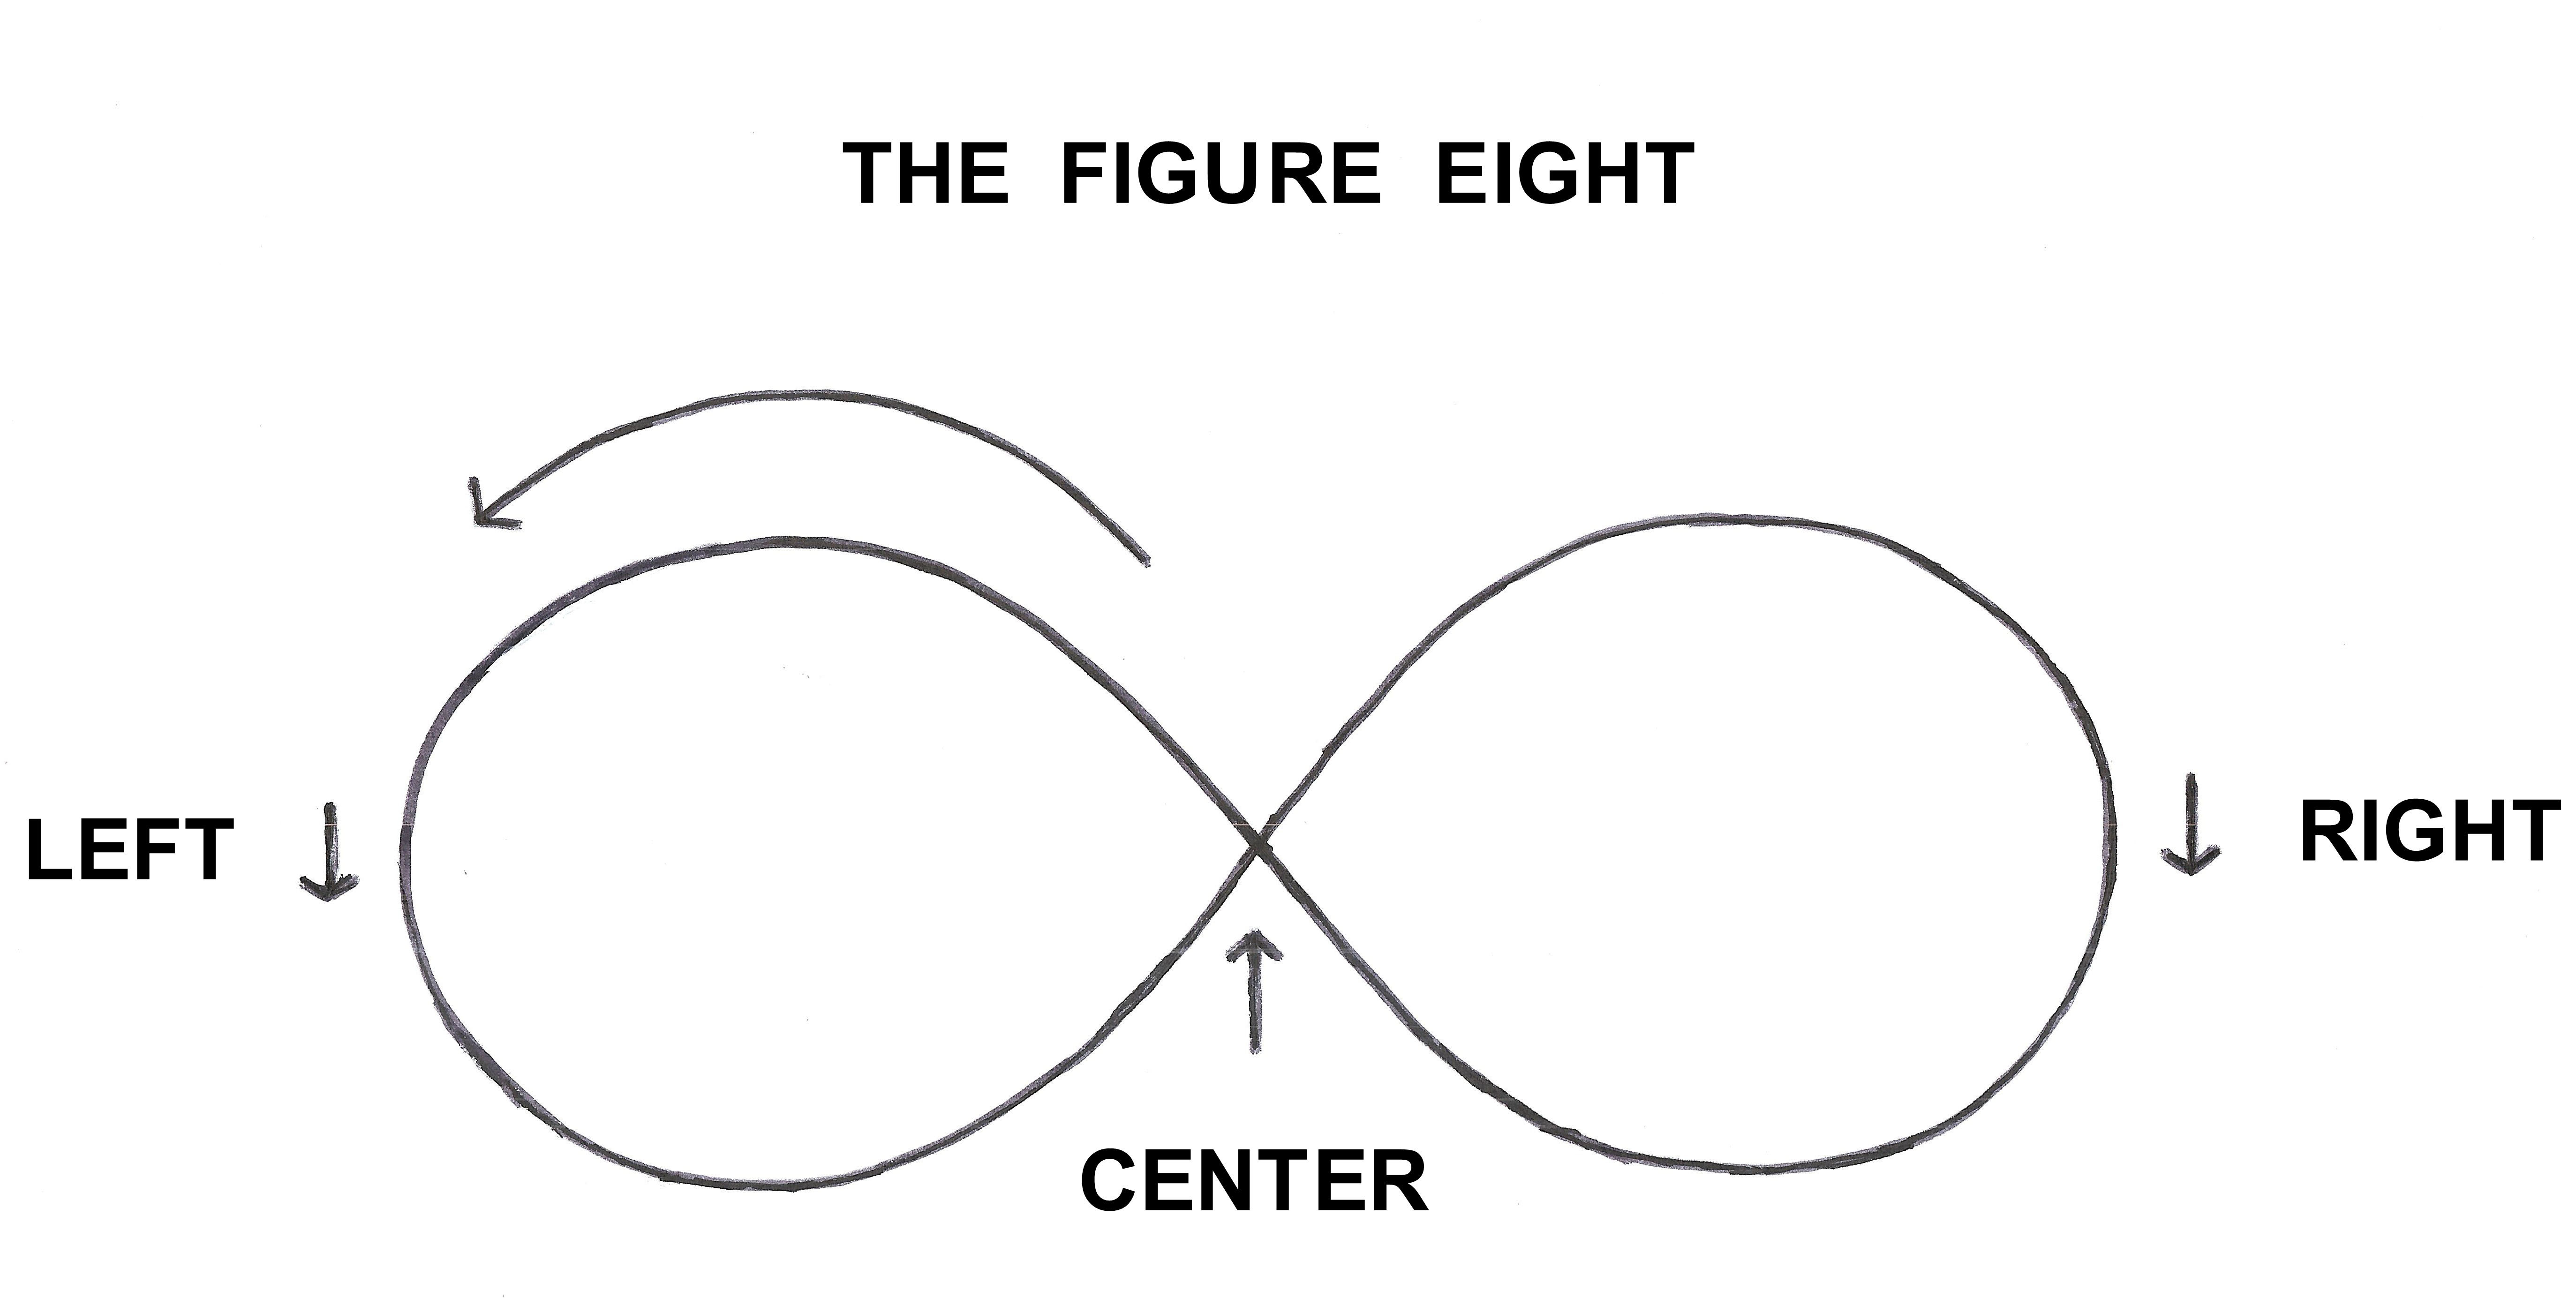 THE FIGURE EIGHT (Infinity Swing)